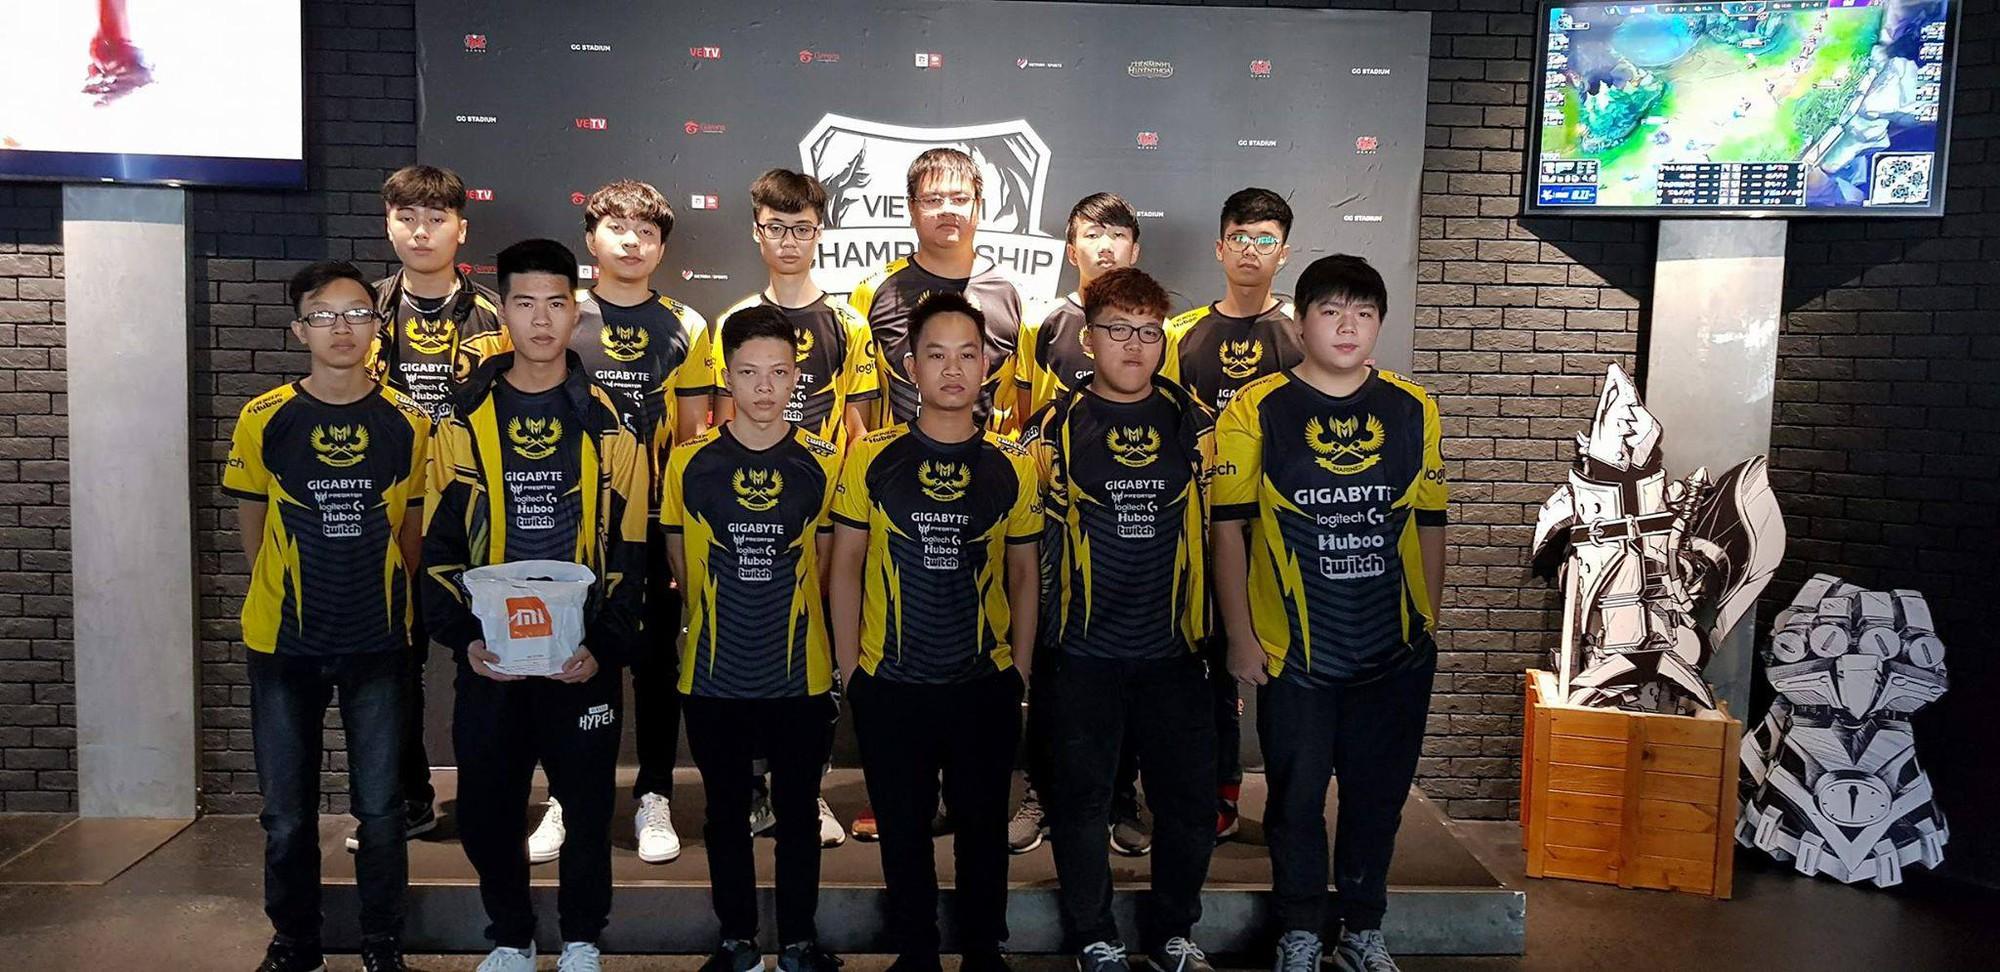 Đội tuyển GAM eSports